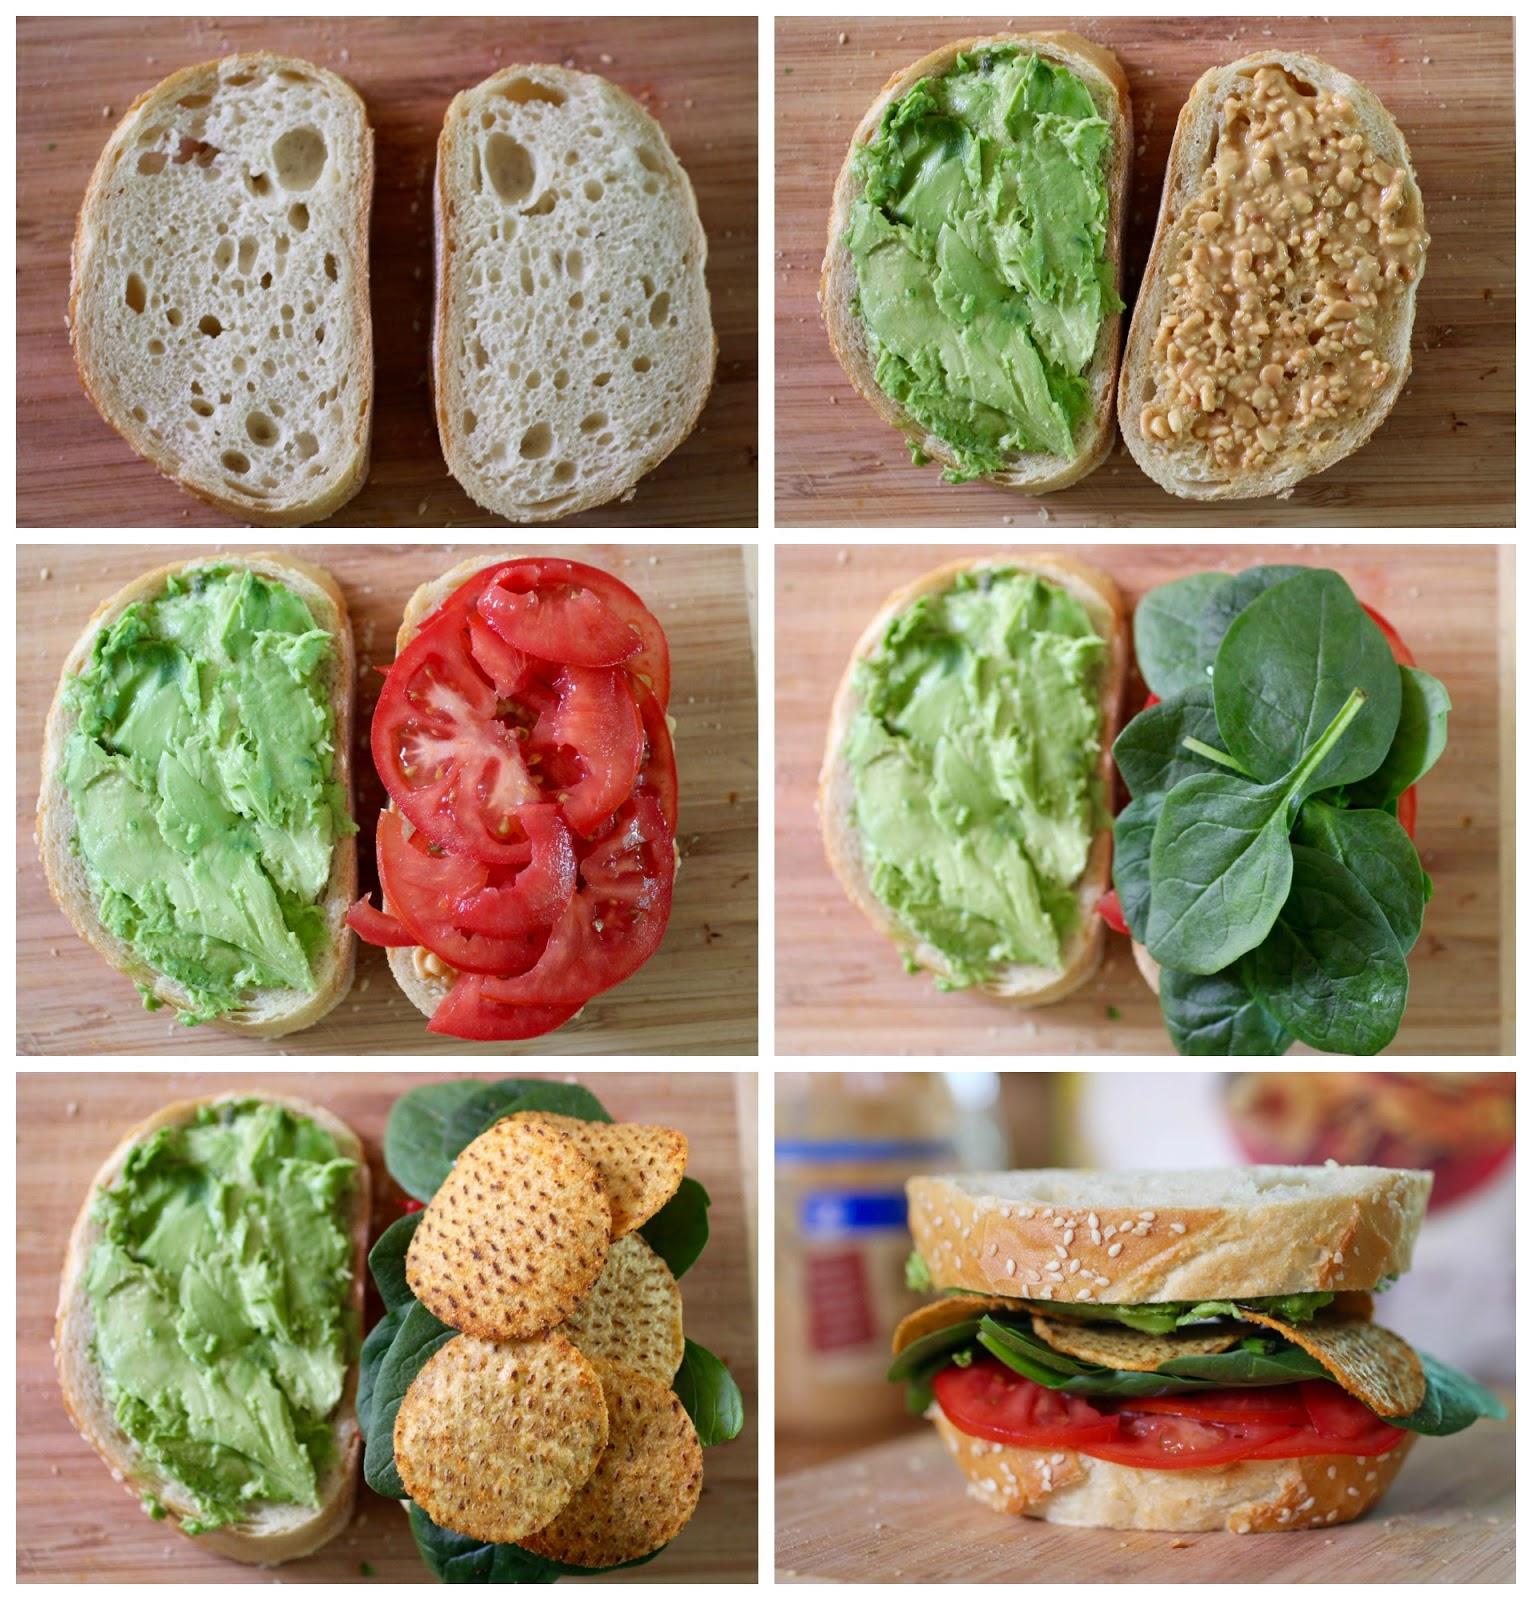 Green Gourmet Giraffe: Sandwiches, CLT and an Avocado glut